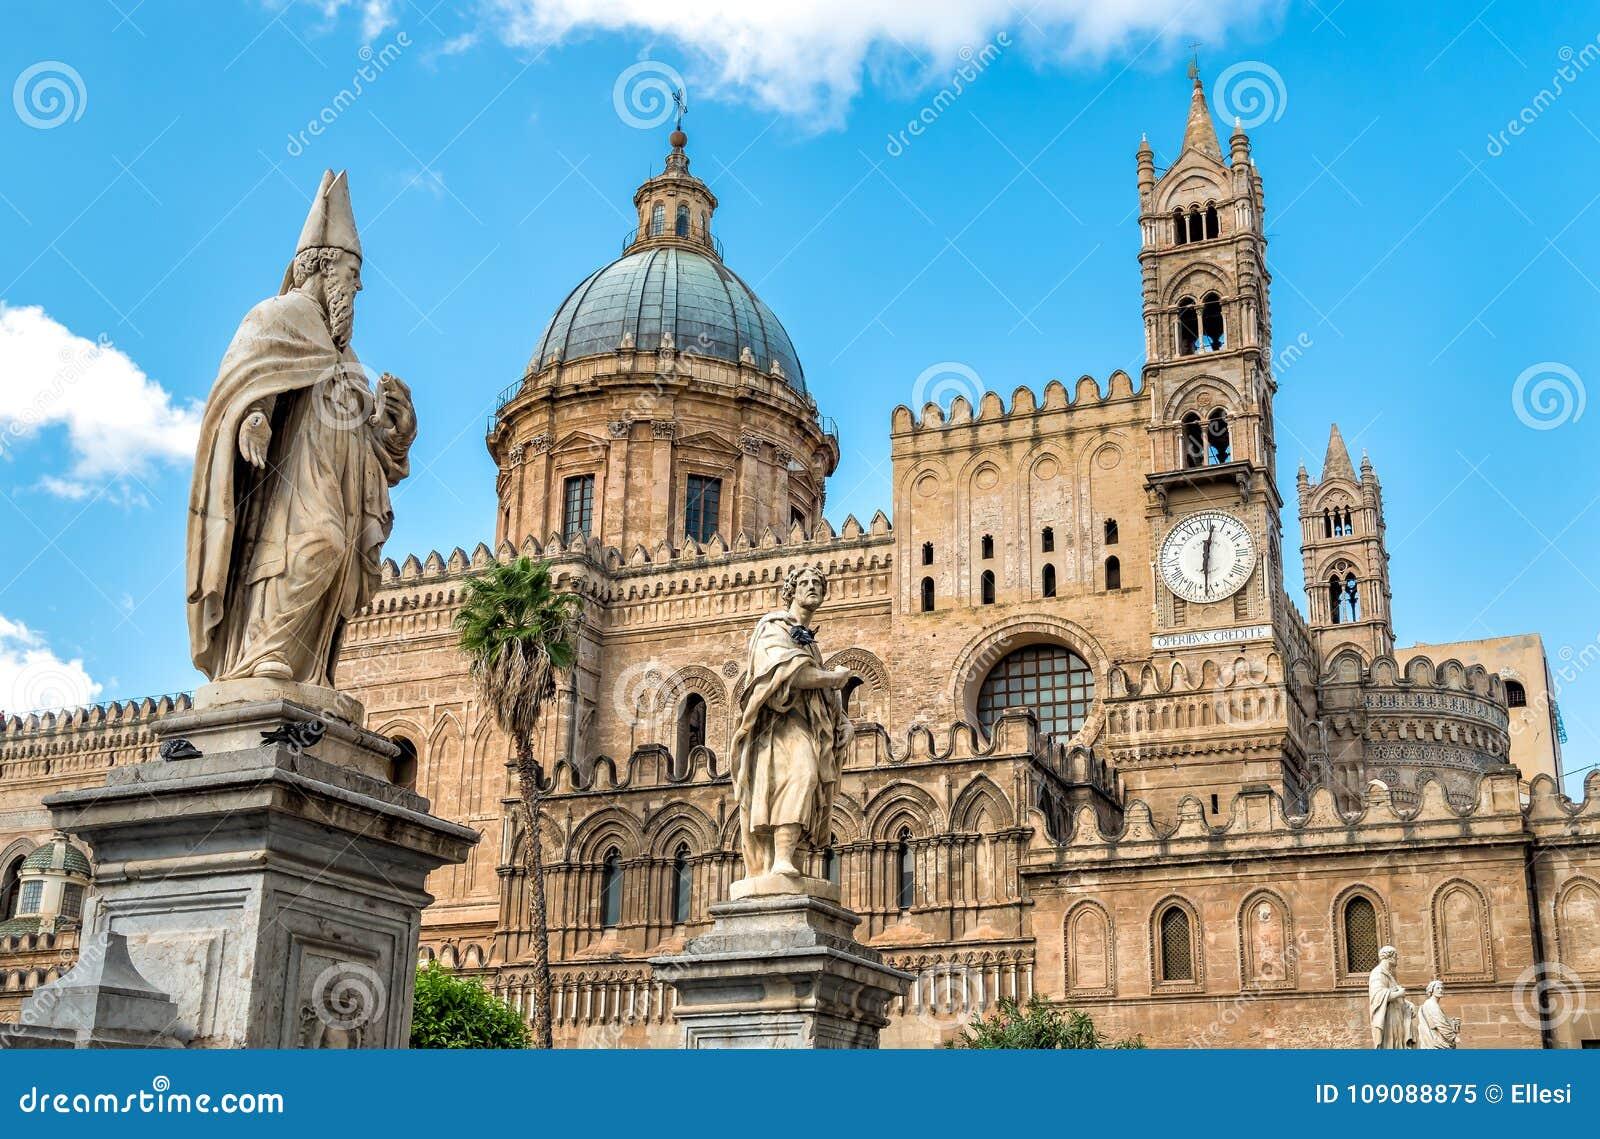 Iglesia con las estatuas de santos, Sicilia, Italia de la catedral de Palermo